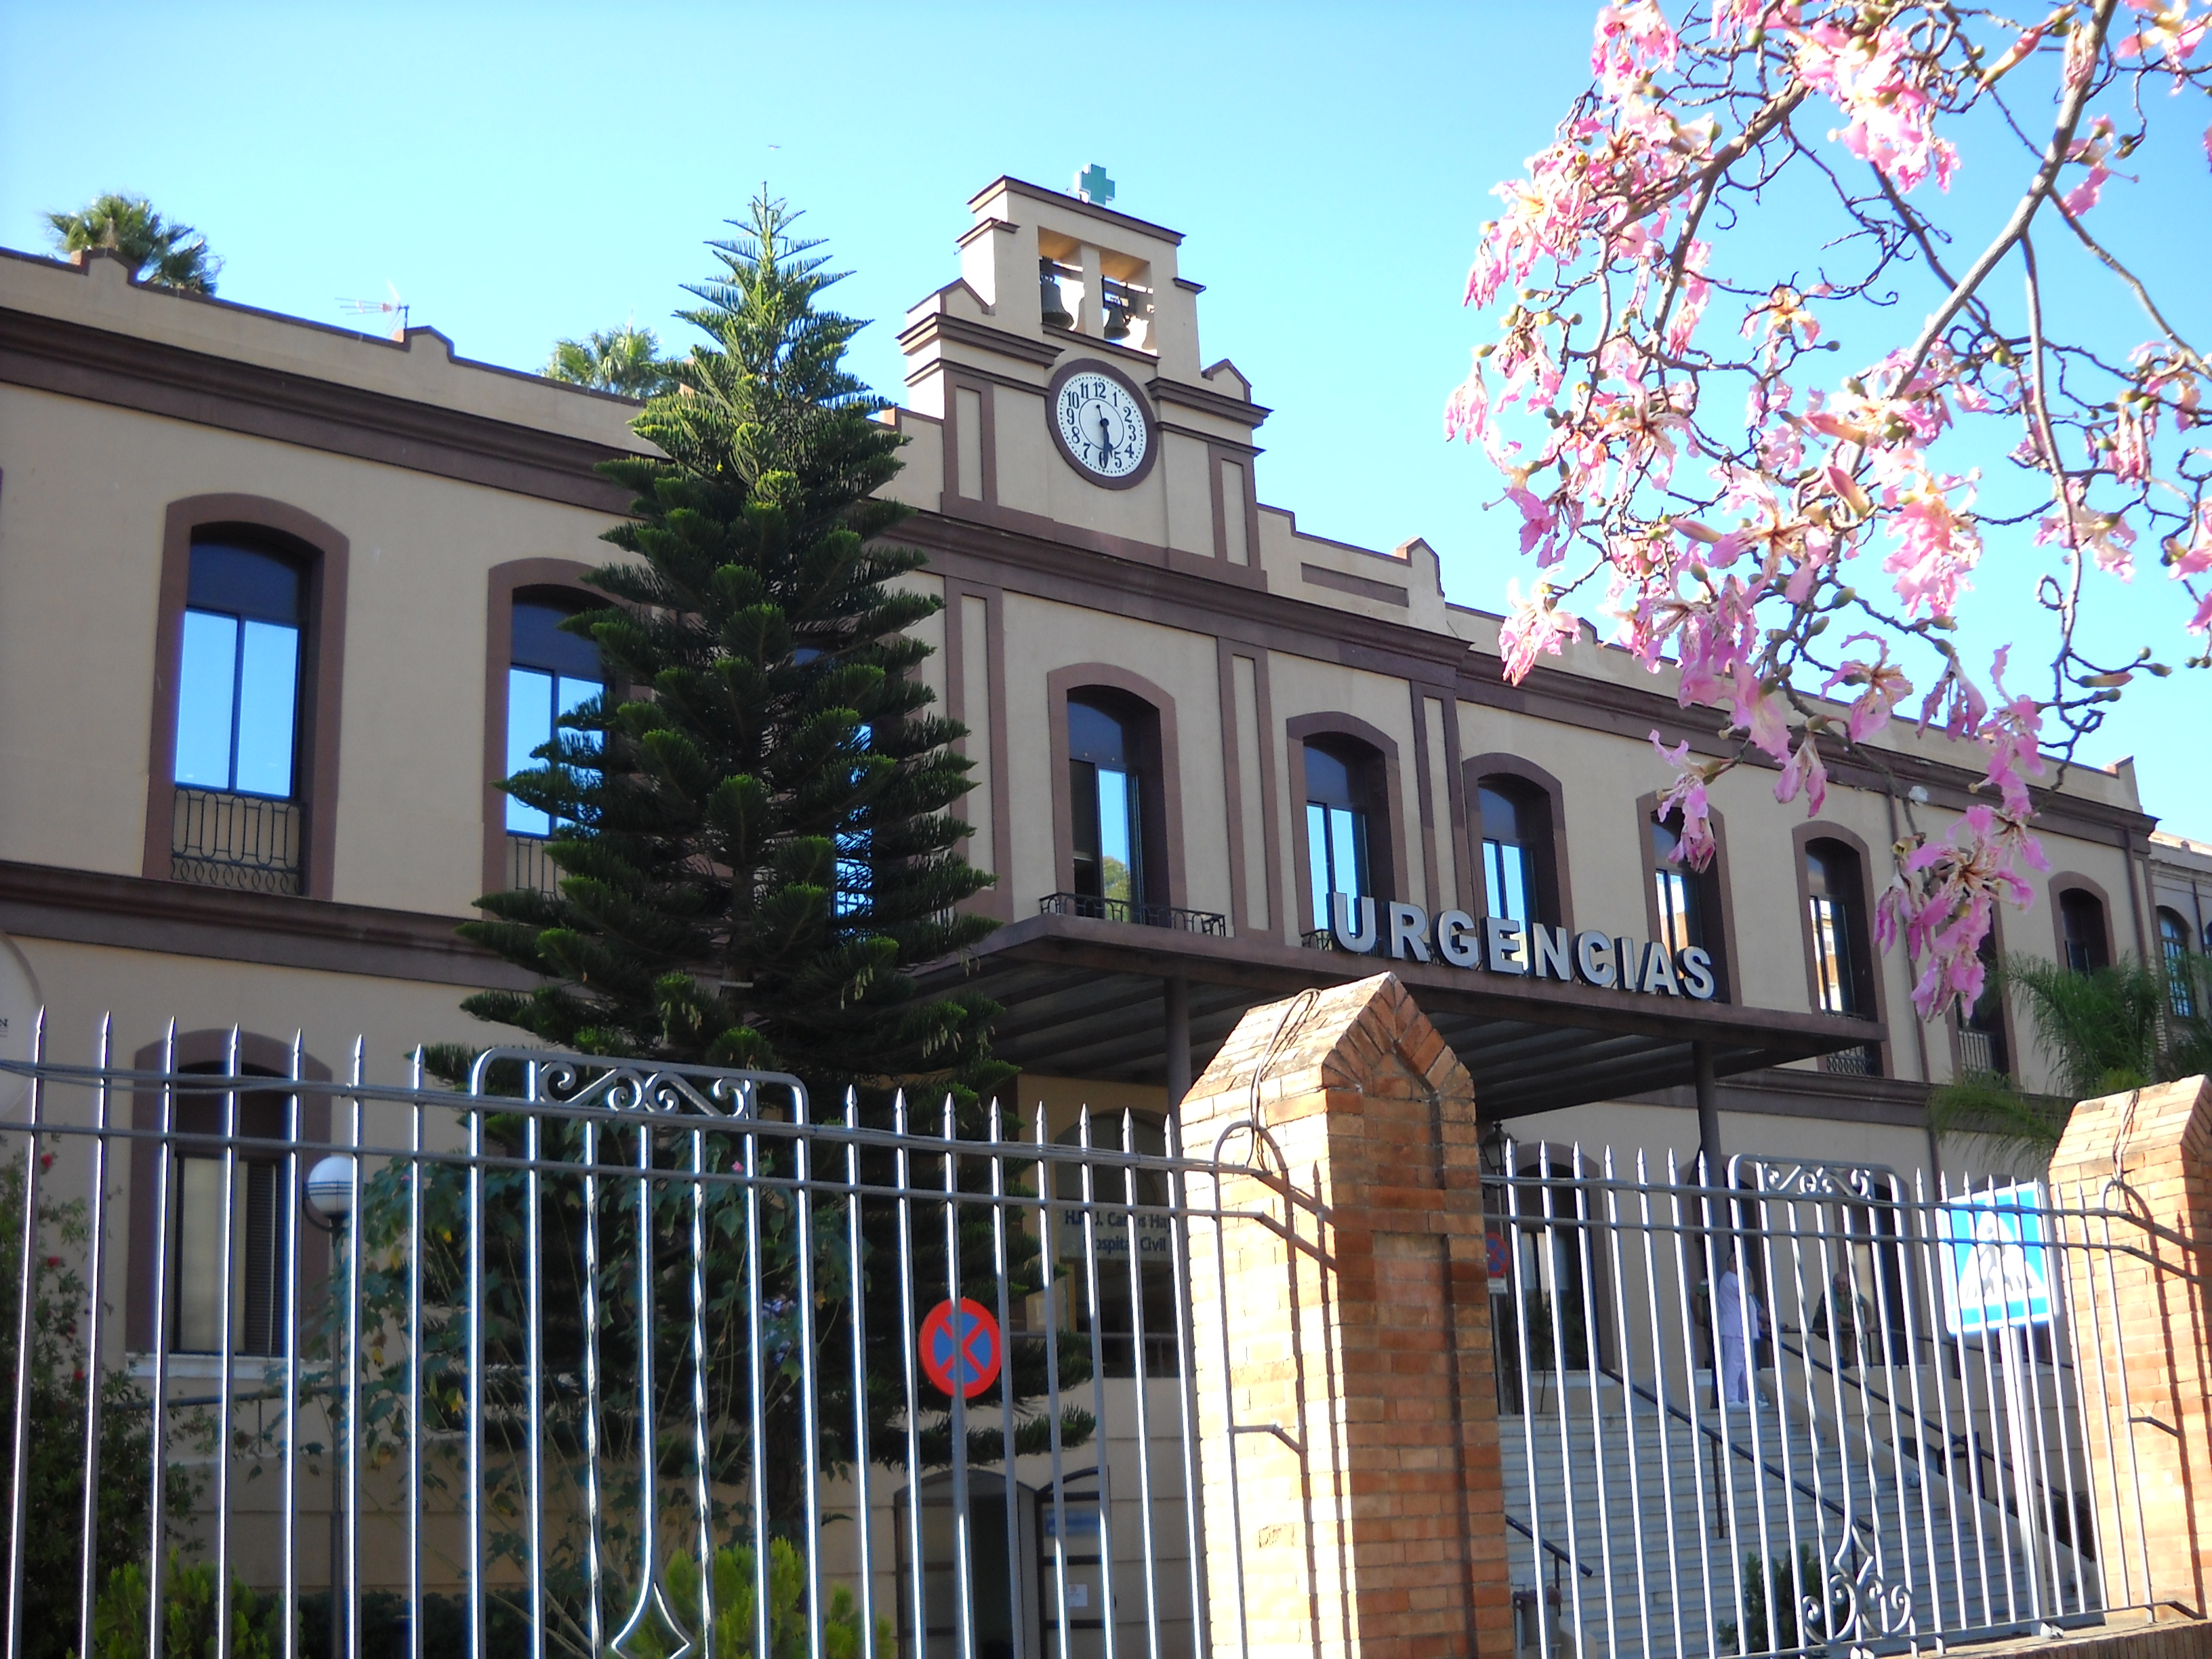 HOSPITAL CIVIL MALAGA